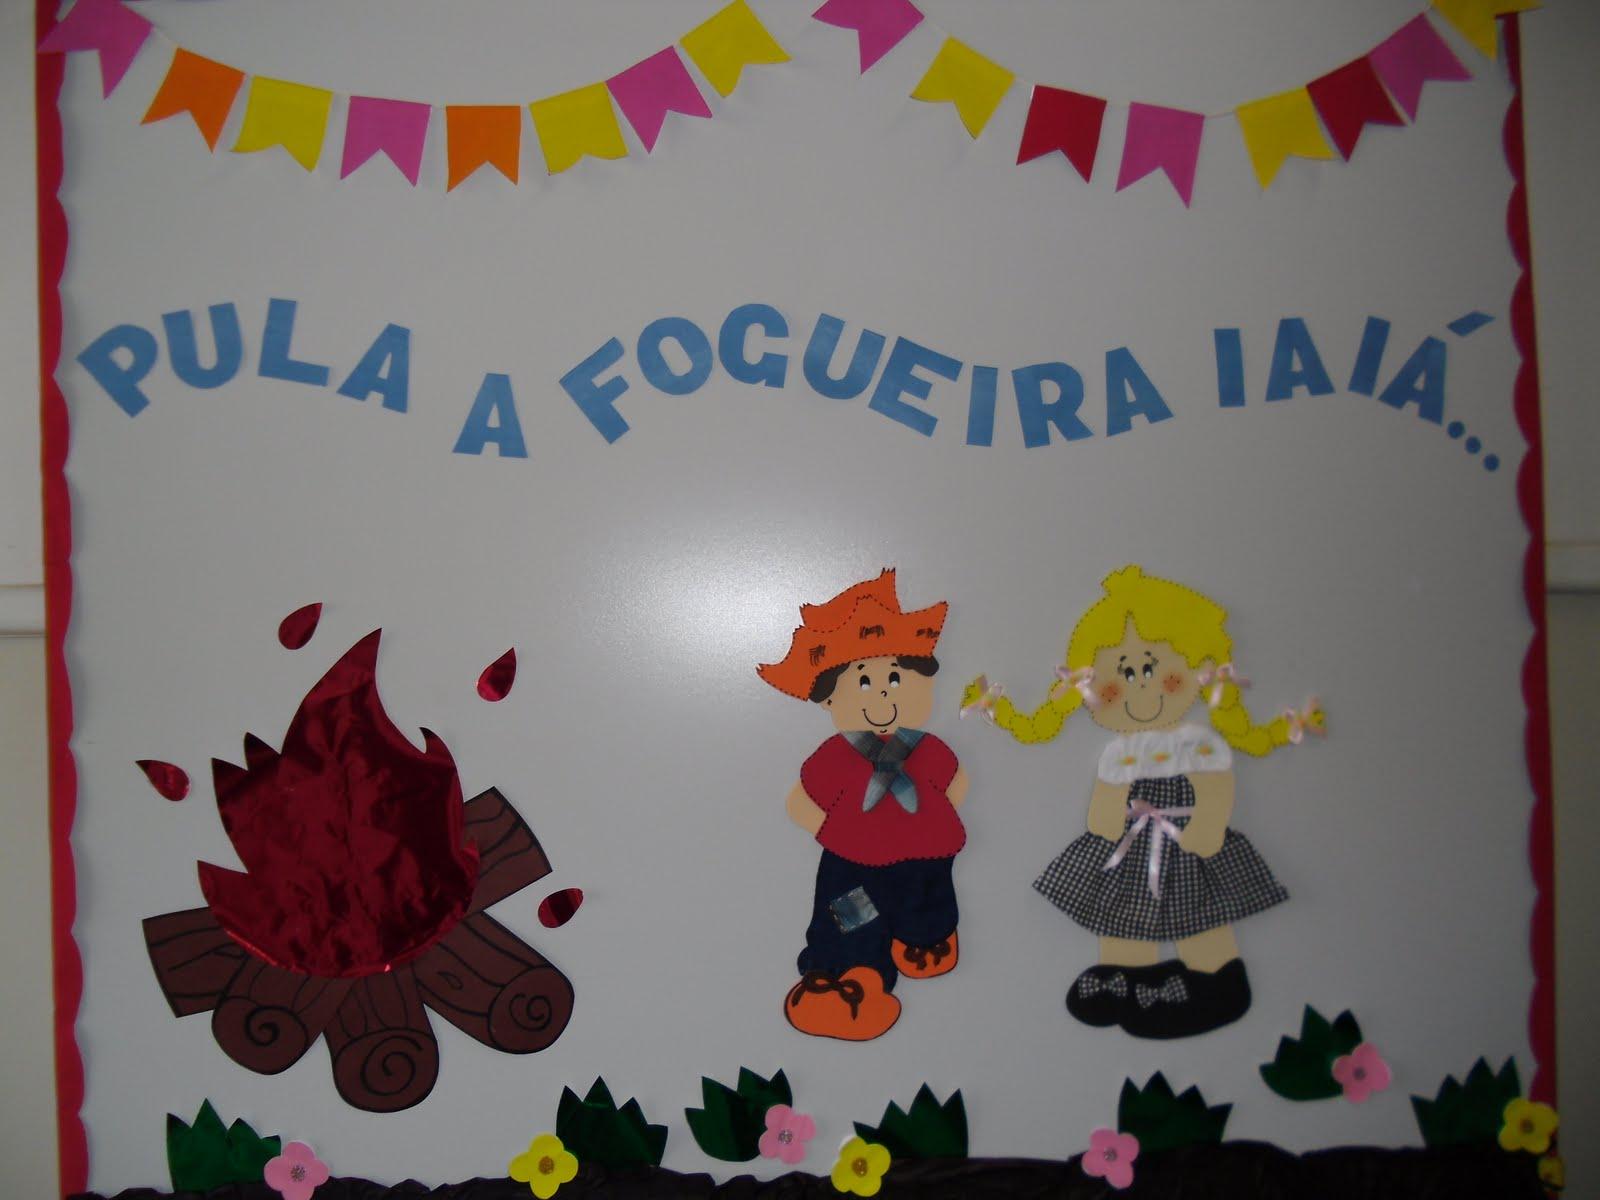 Como decorar salas de aula infantil para as festas juninas